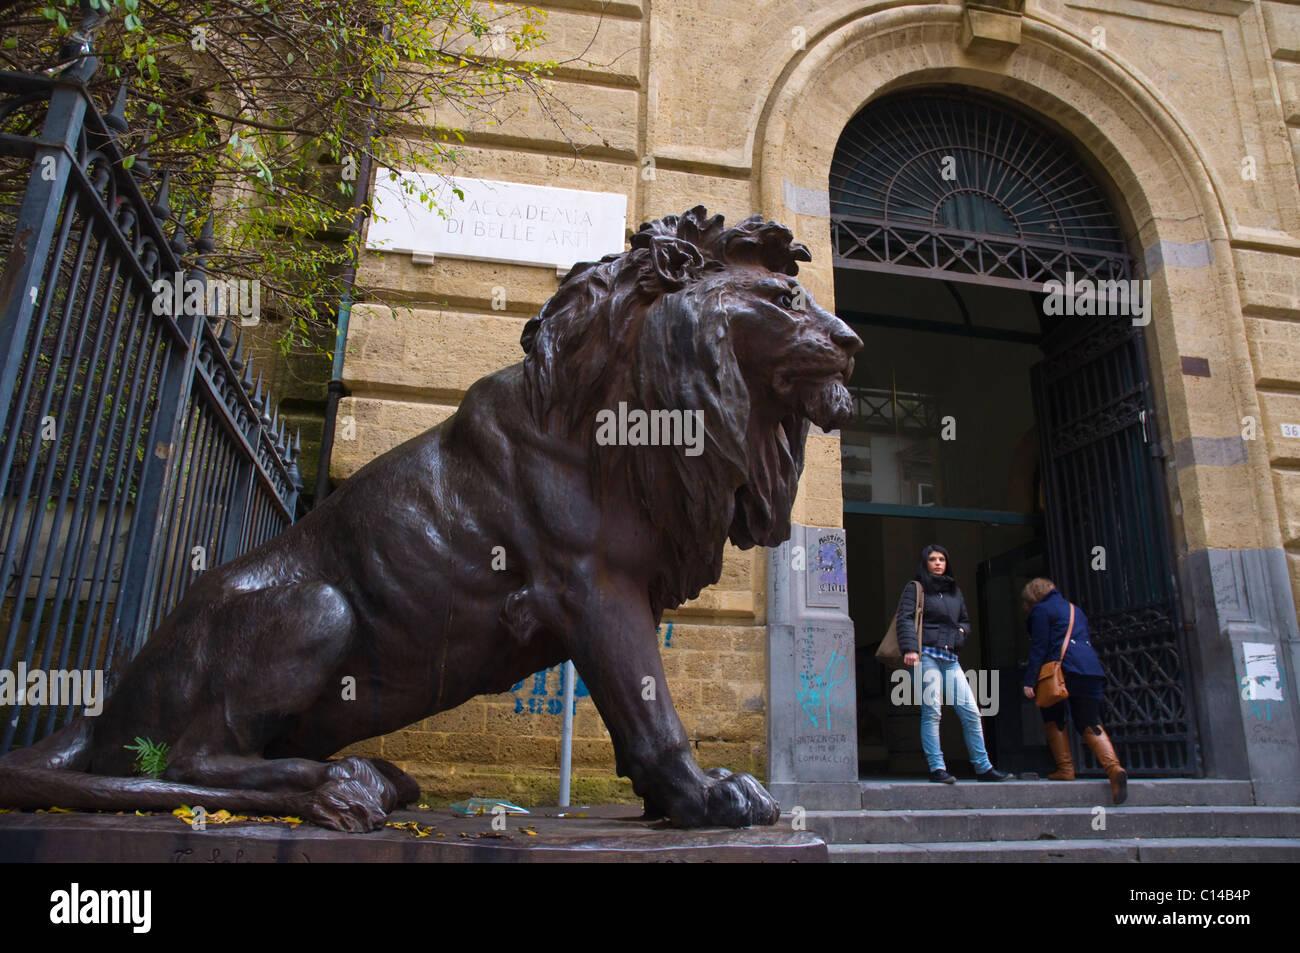 Accademia di Belli Arti all'Accademia d'arte centro di Napoli Campania Italia Europa Immagini Stock